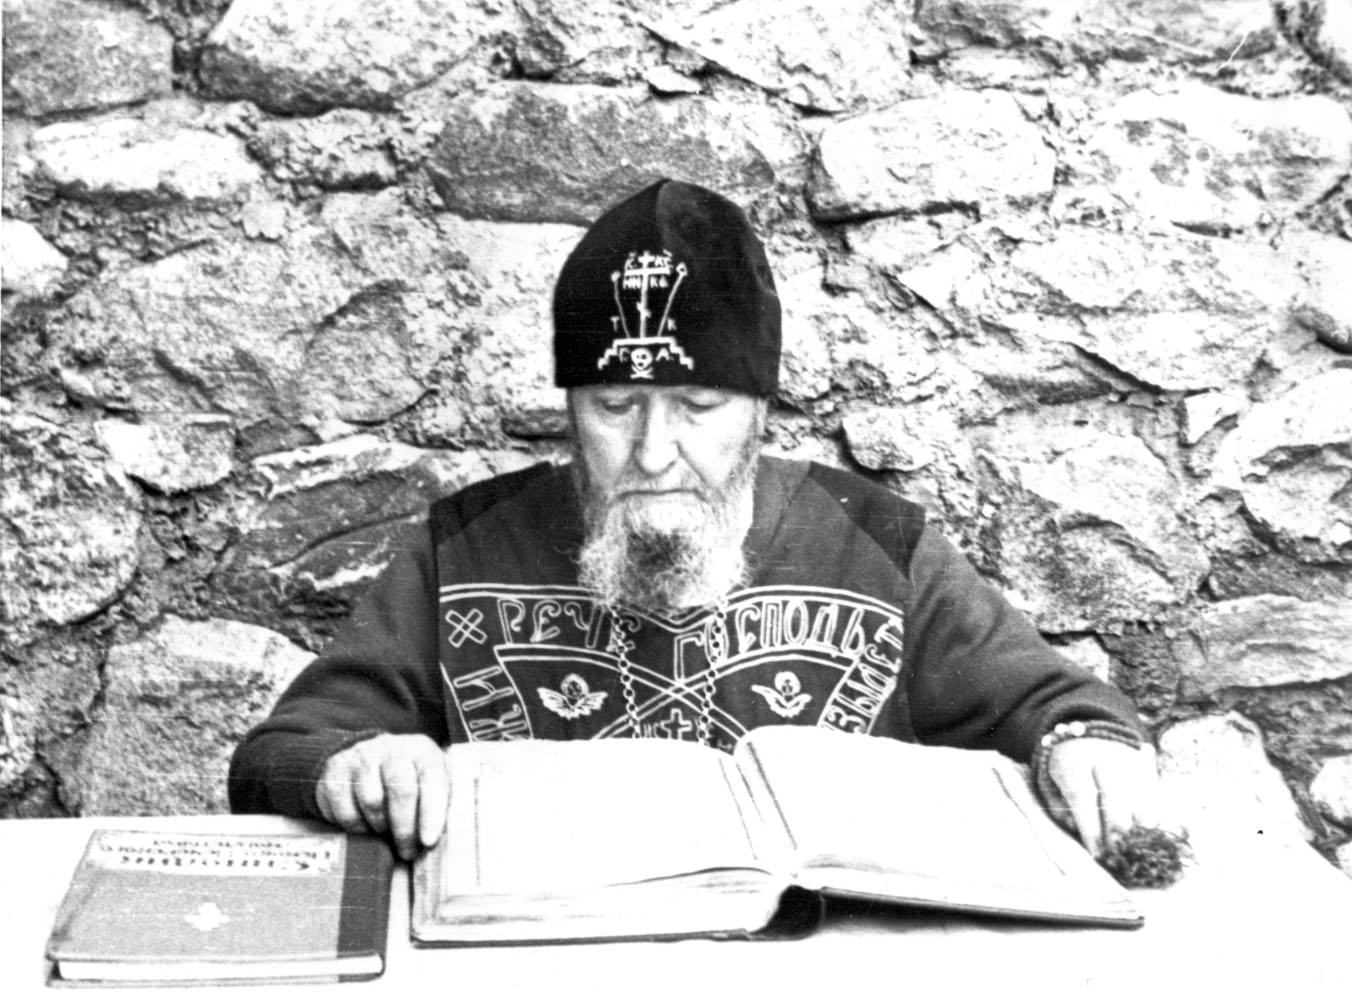 В Псковской епархии состоятся торжества, приуроченные к 120-летию со дня рождения схиигумена Саввы (Остапенко)